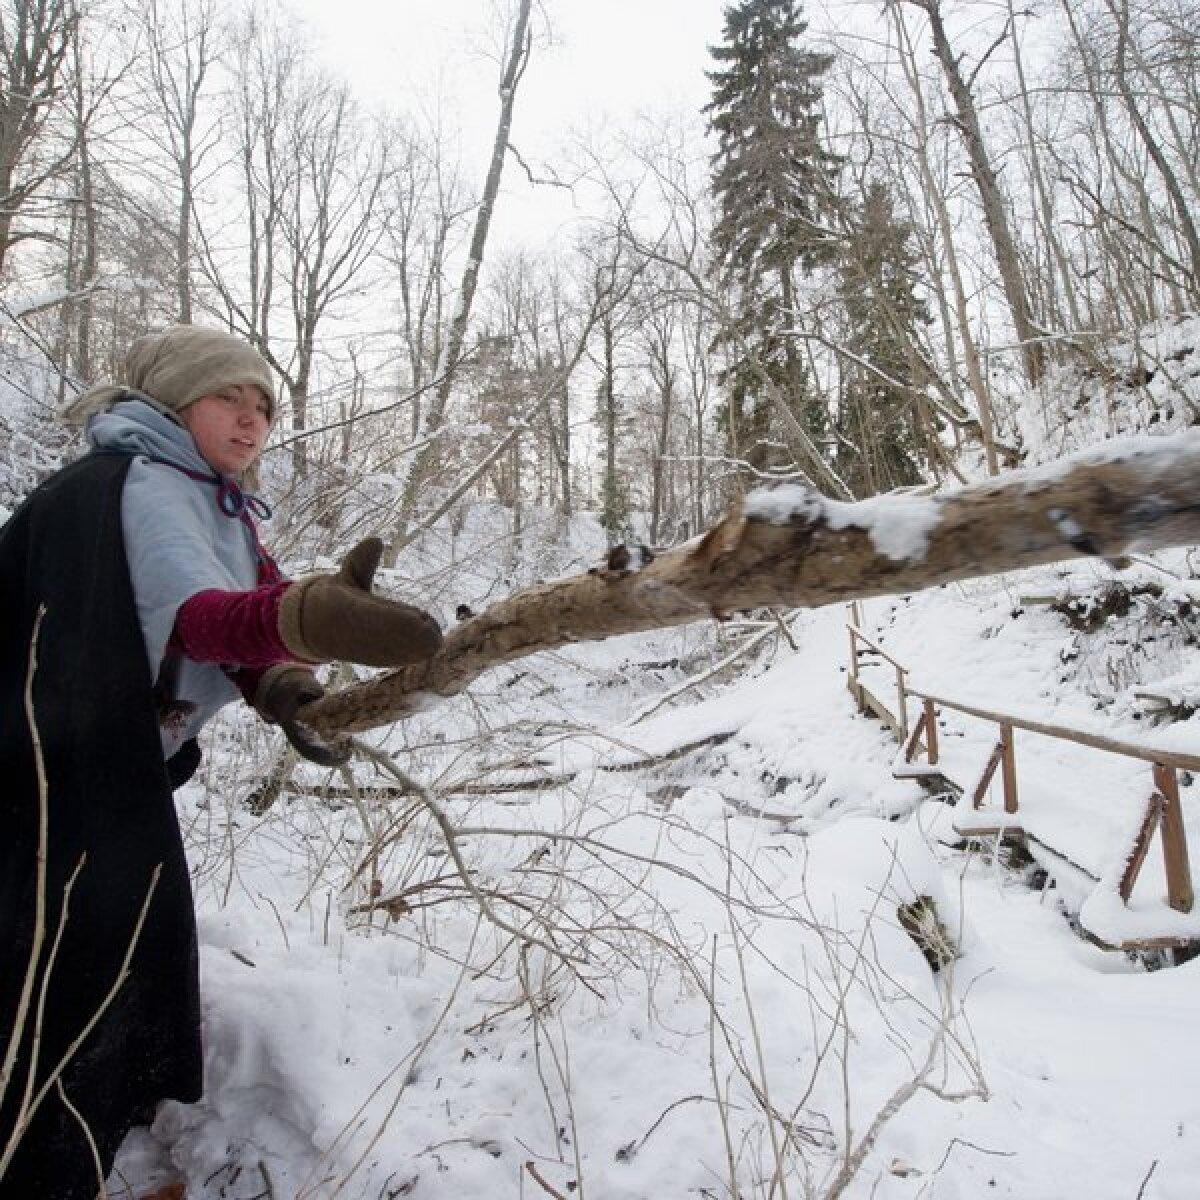 Kristin Otti on  paarisaja meetri kaugusel talust maalilises Ööbikuorus puid otsimas.Puid käivad otsimas nii mehed kui naised.  Puid lume alt välja kaevata ei ole kerge töö.